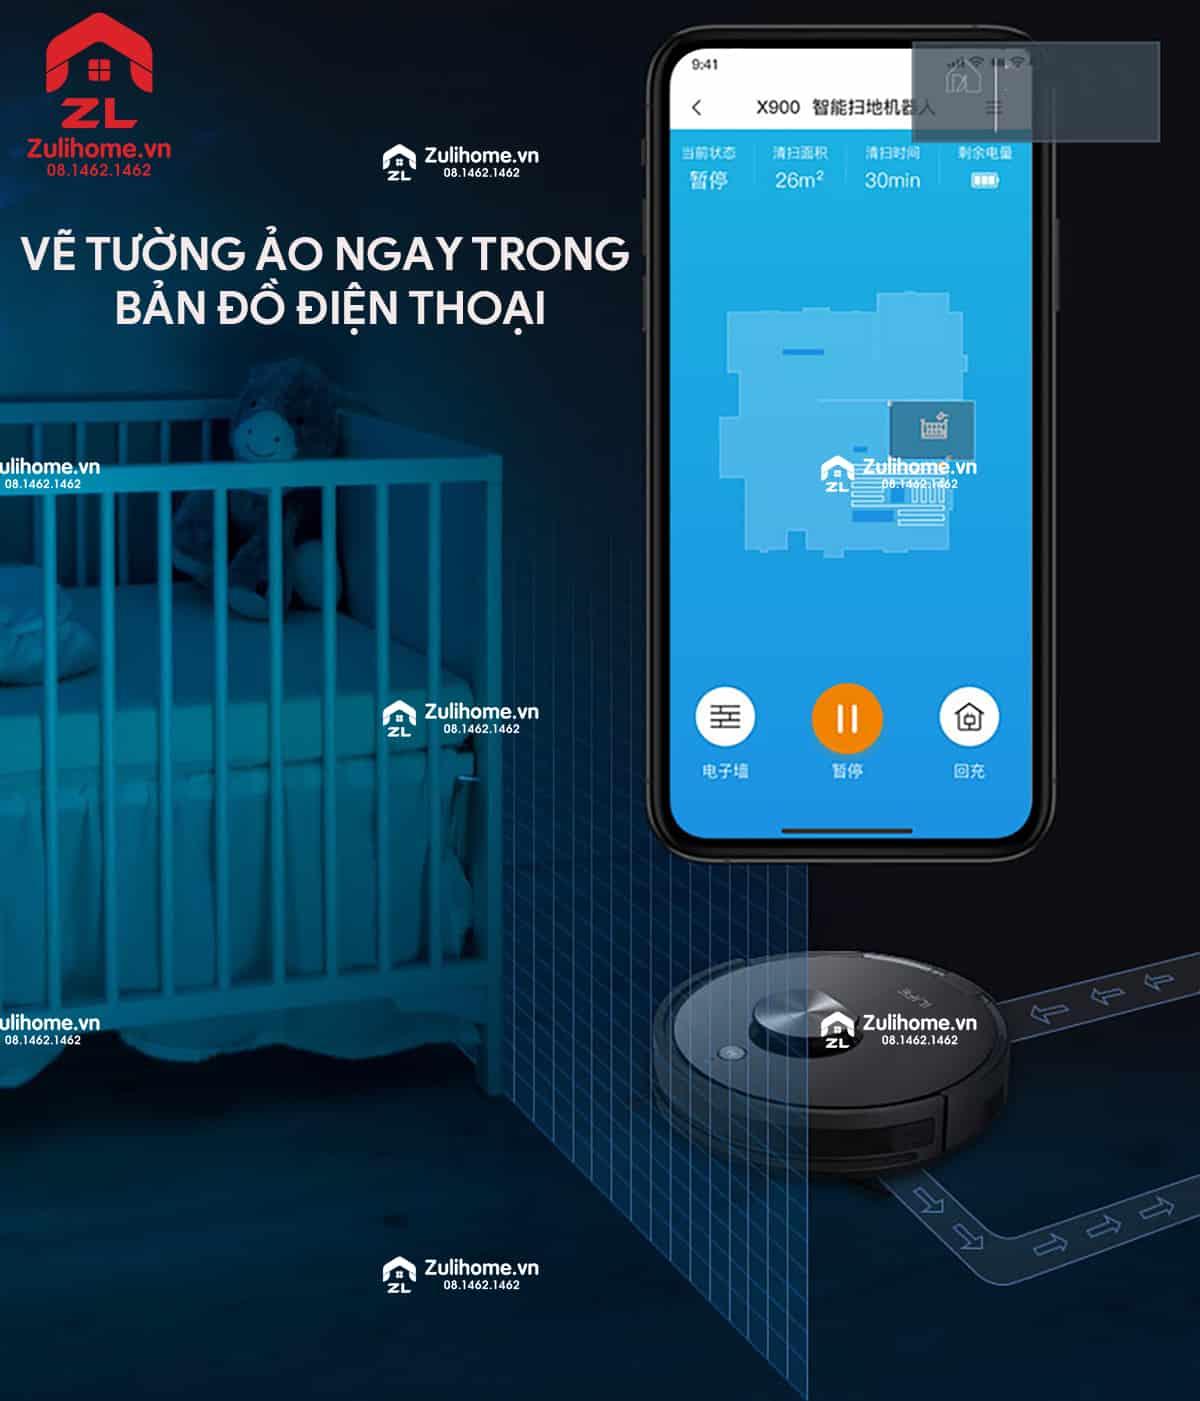 ILIFE X900 | Vẽ tường ảo ngay trong điện thoại